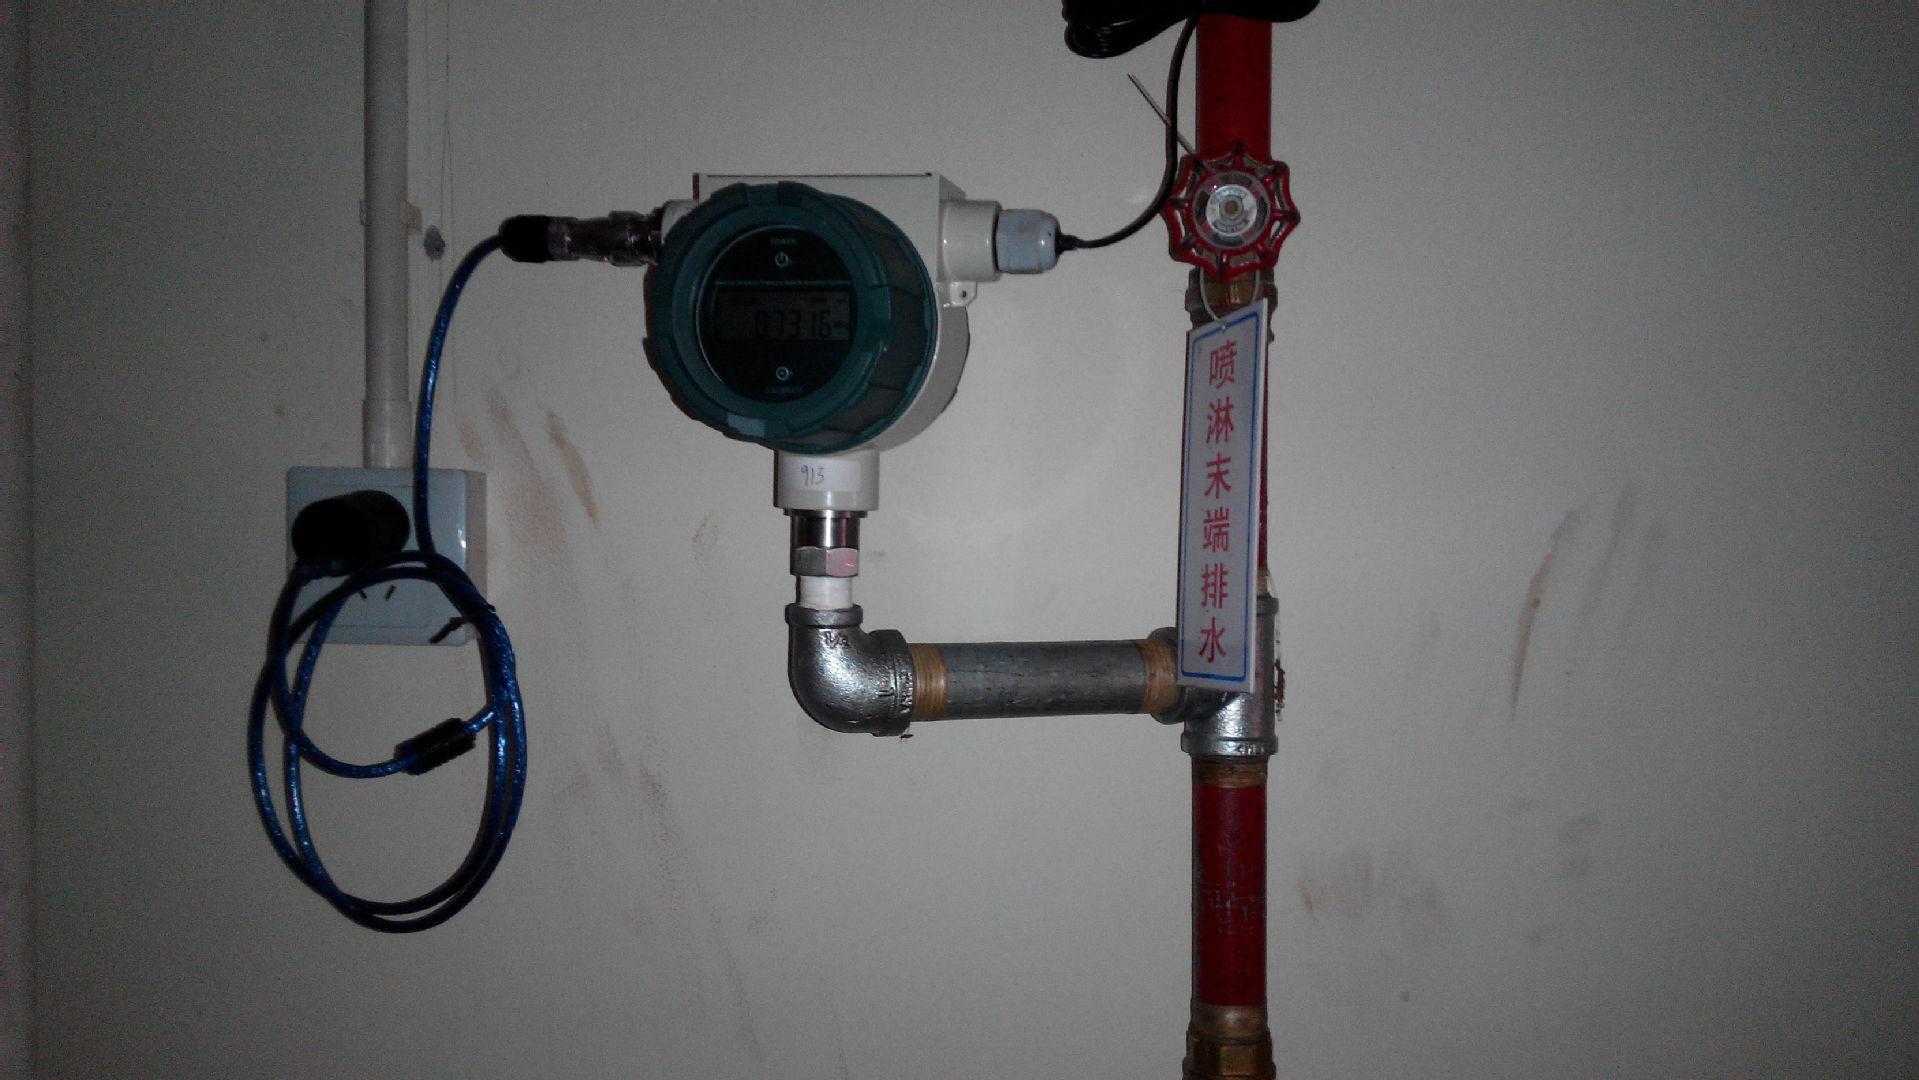 压力传感器在城市供水系统中的应用